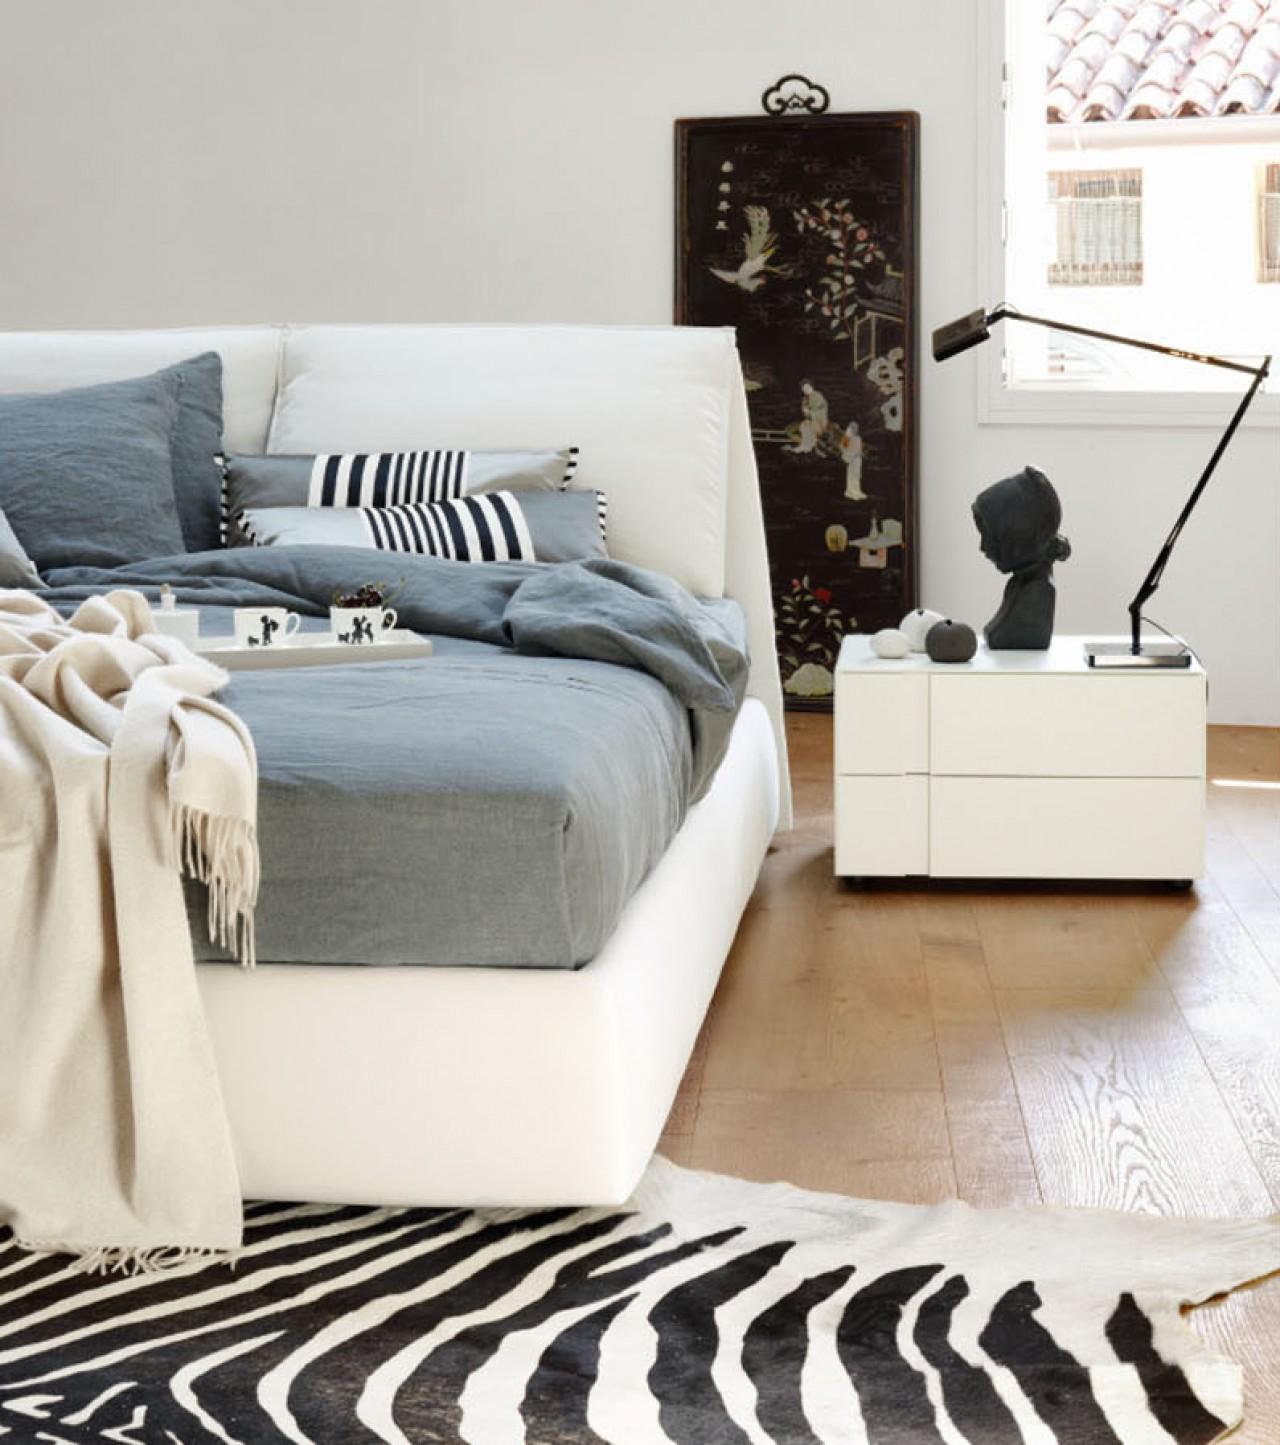 Cherie letto camere da letto san giacomo torino for Arredamenti traiano